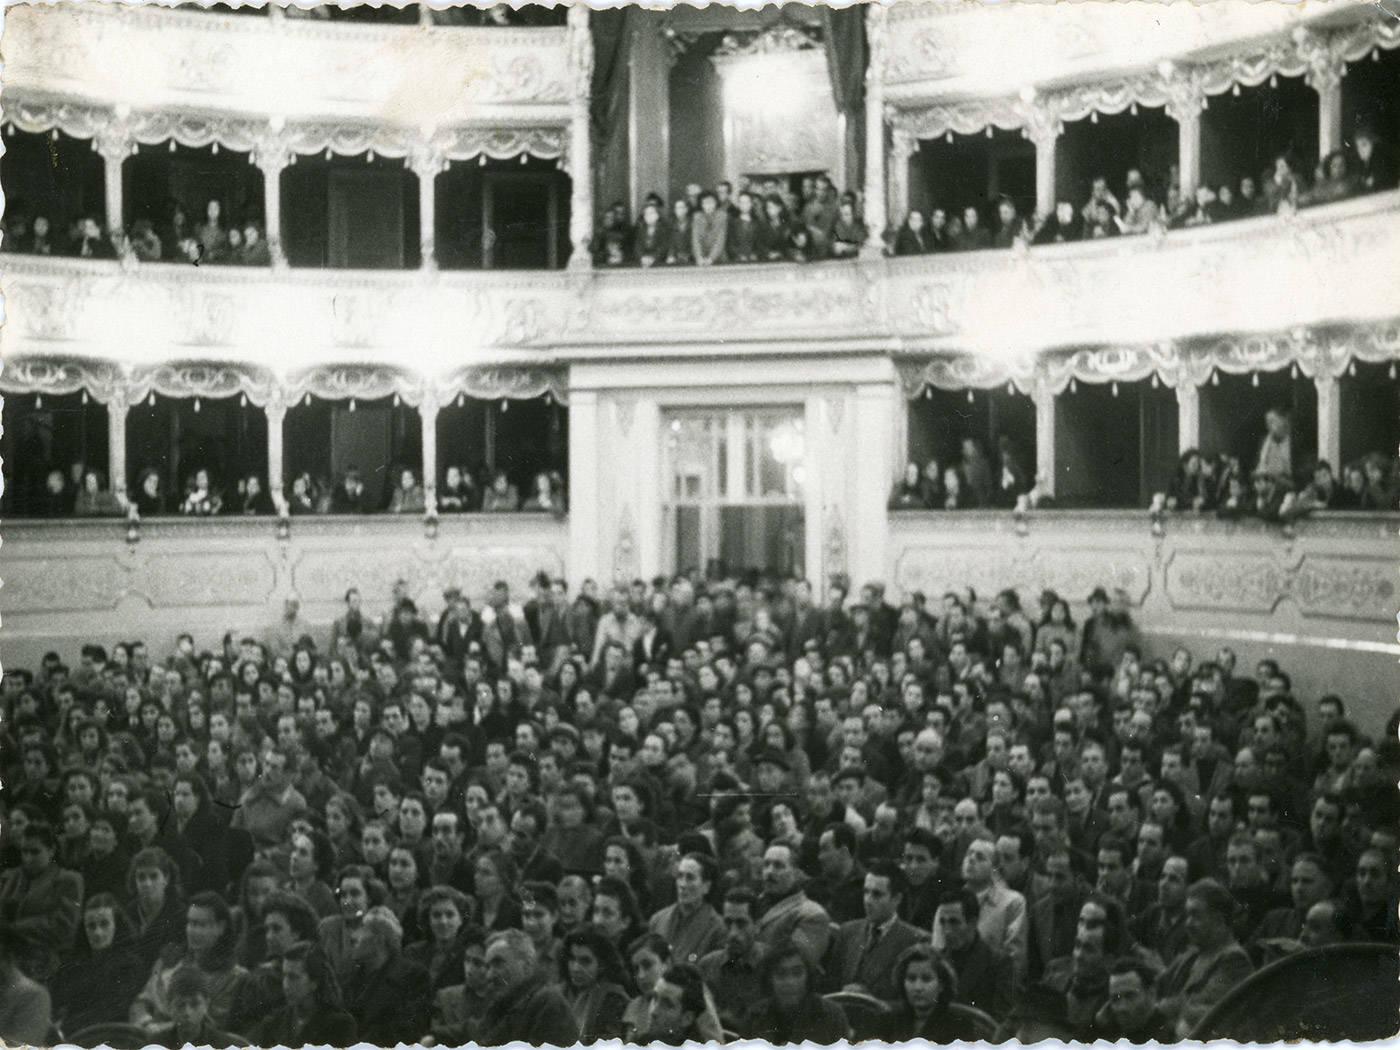 MANIFESTAZIONE POLITICA NELLA SALA DEL TEATRO MUNICIPALE ROMOLO VALLI DI REGGIO EMILIA - FOTOTECA BIBLIOTECA PANIZZI, REGGIO EMILIA 1955 CA.